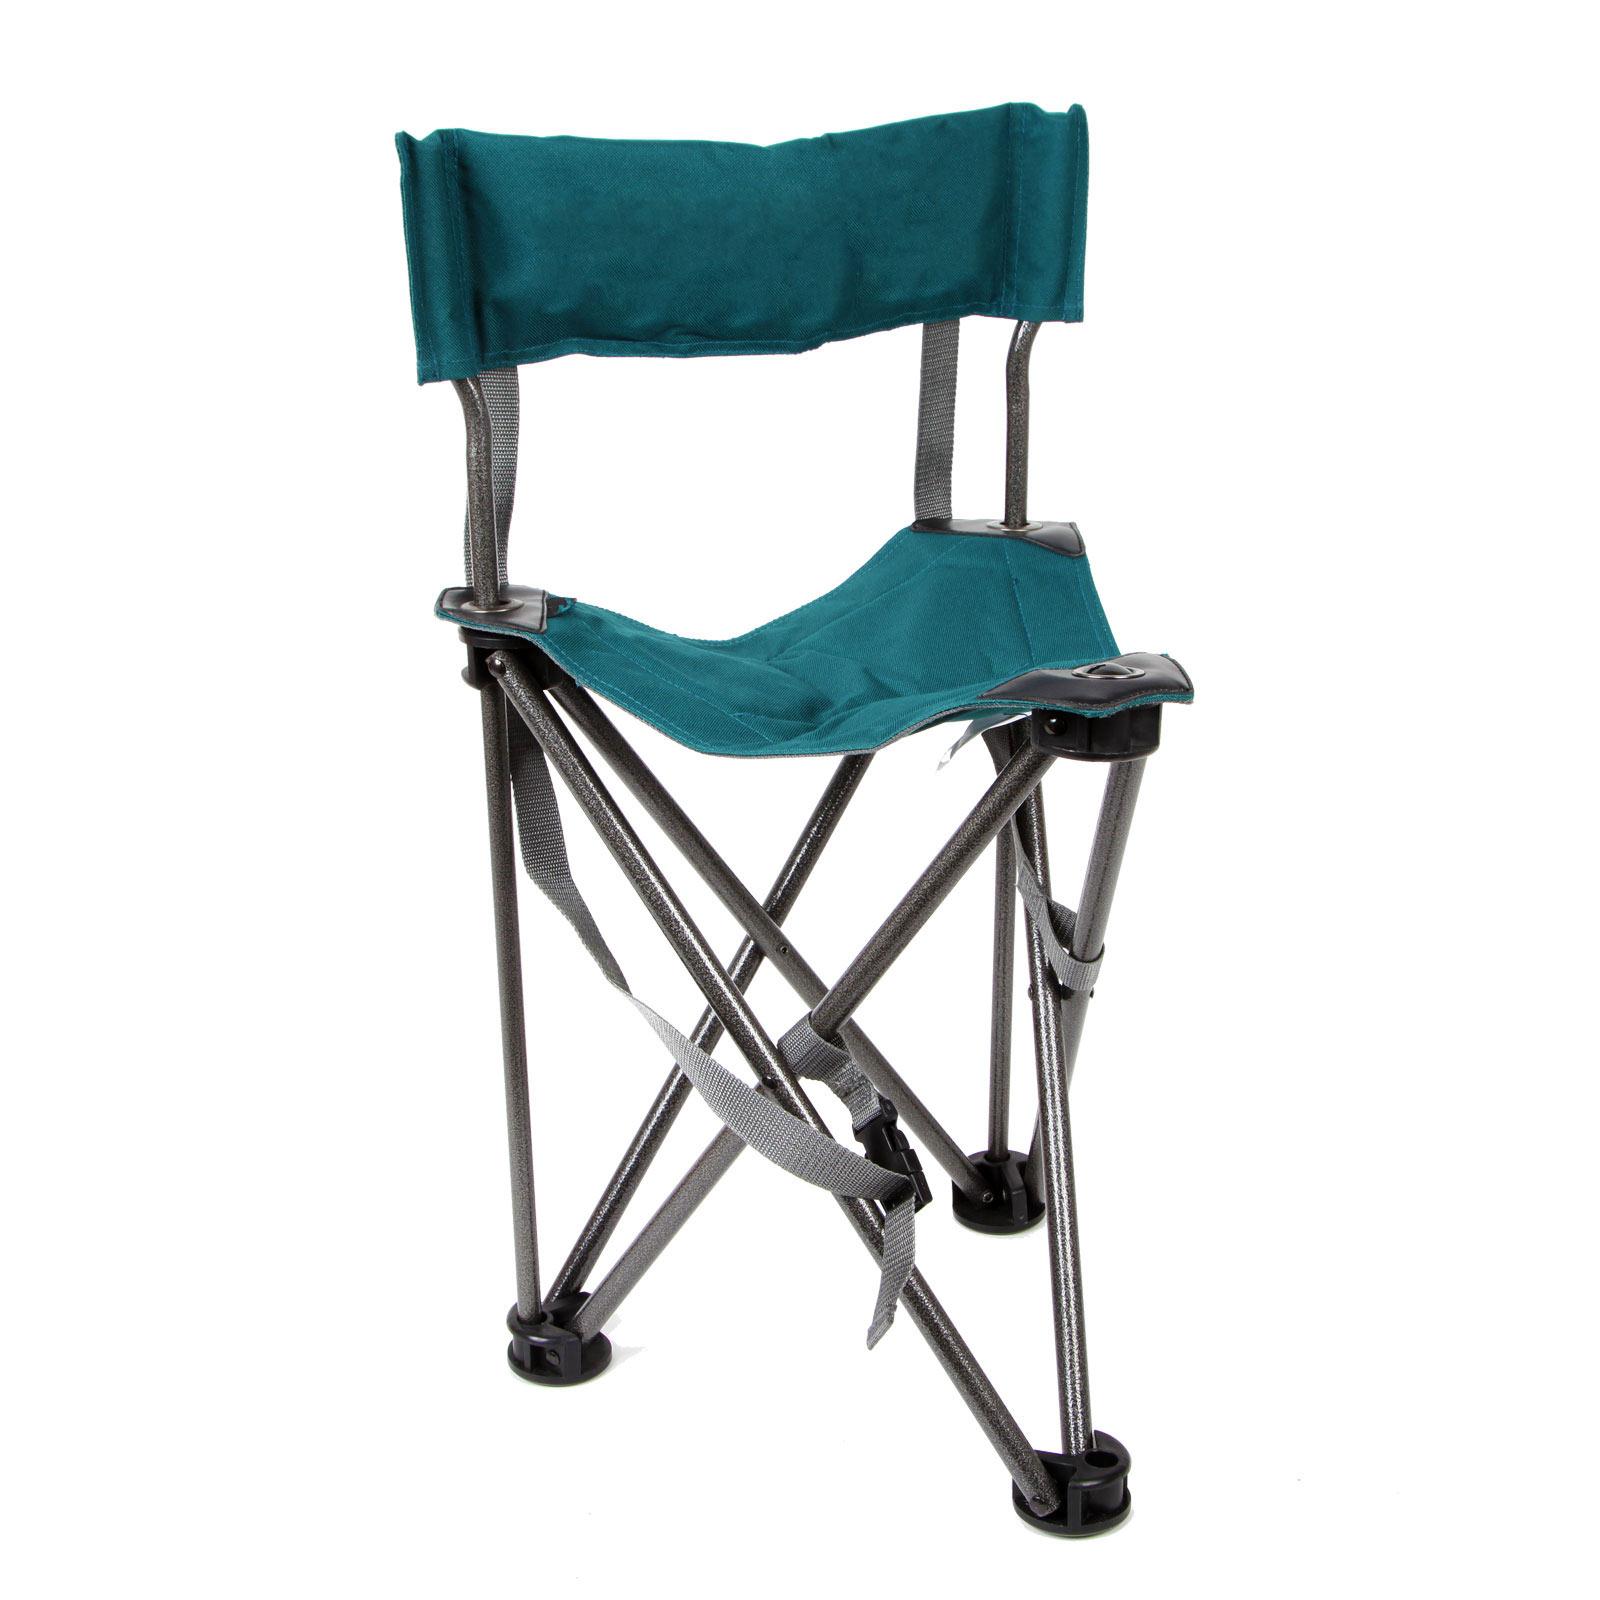 Chaise campement bleueNatureDécouvertes Chaise campement bleueNatureDécouvertes de de SUpLGqVzM